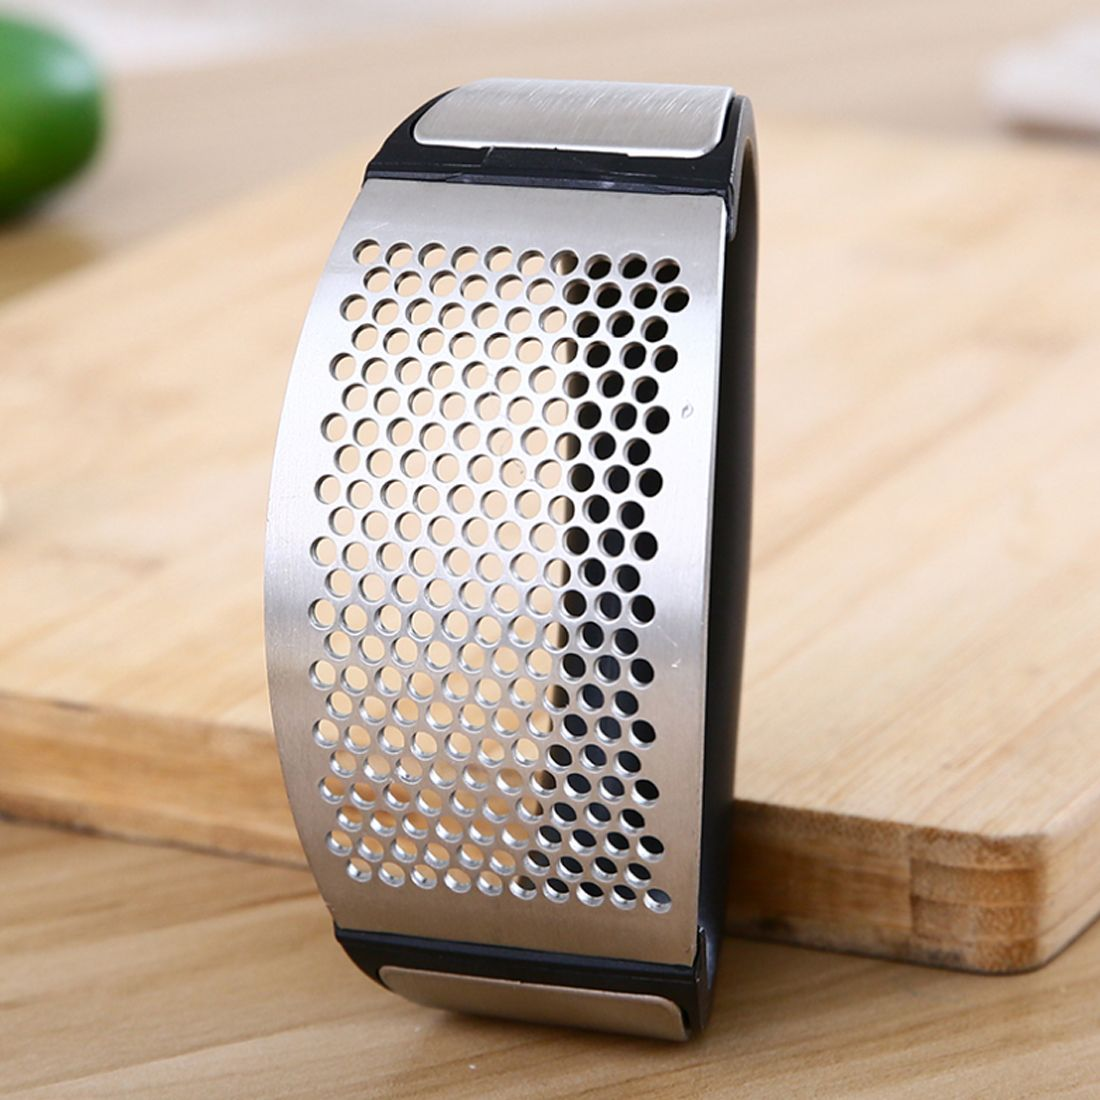 Aparato creativo de cocina multifuncional rallador de ajo de acero inoxidable con forma de arco